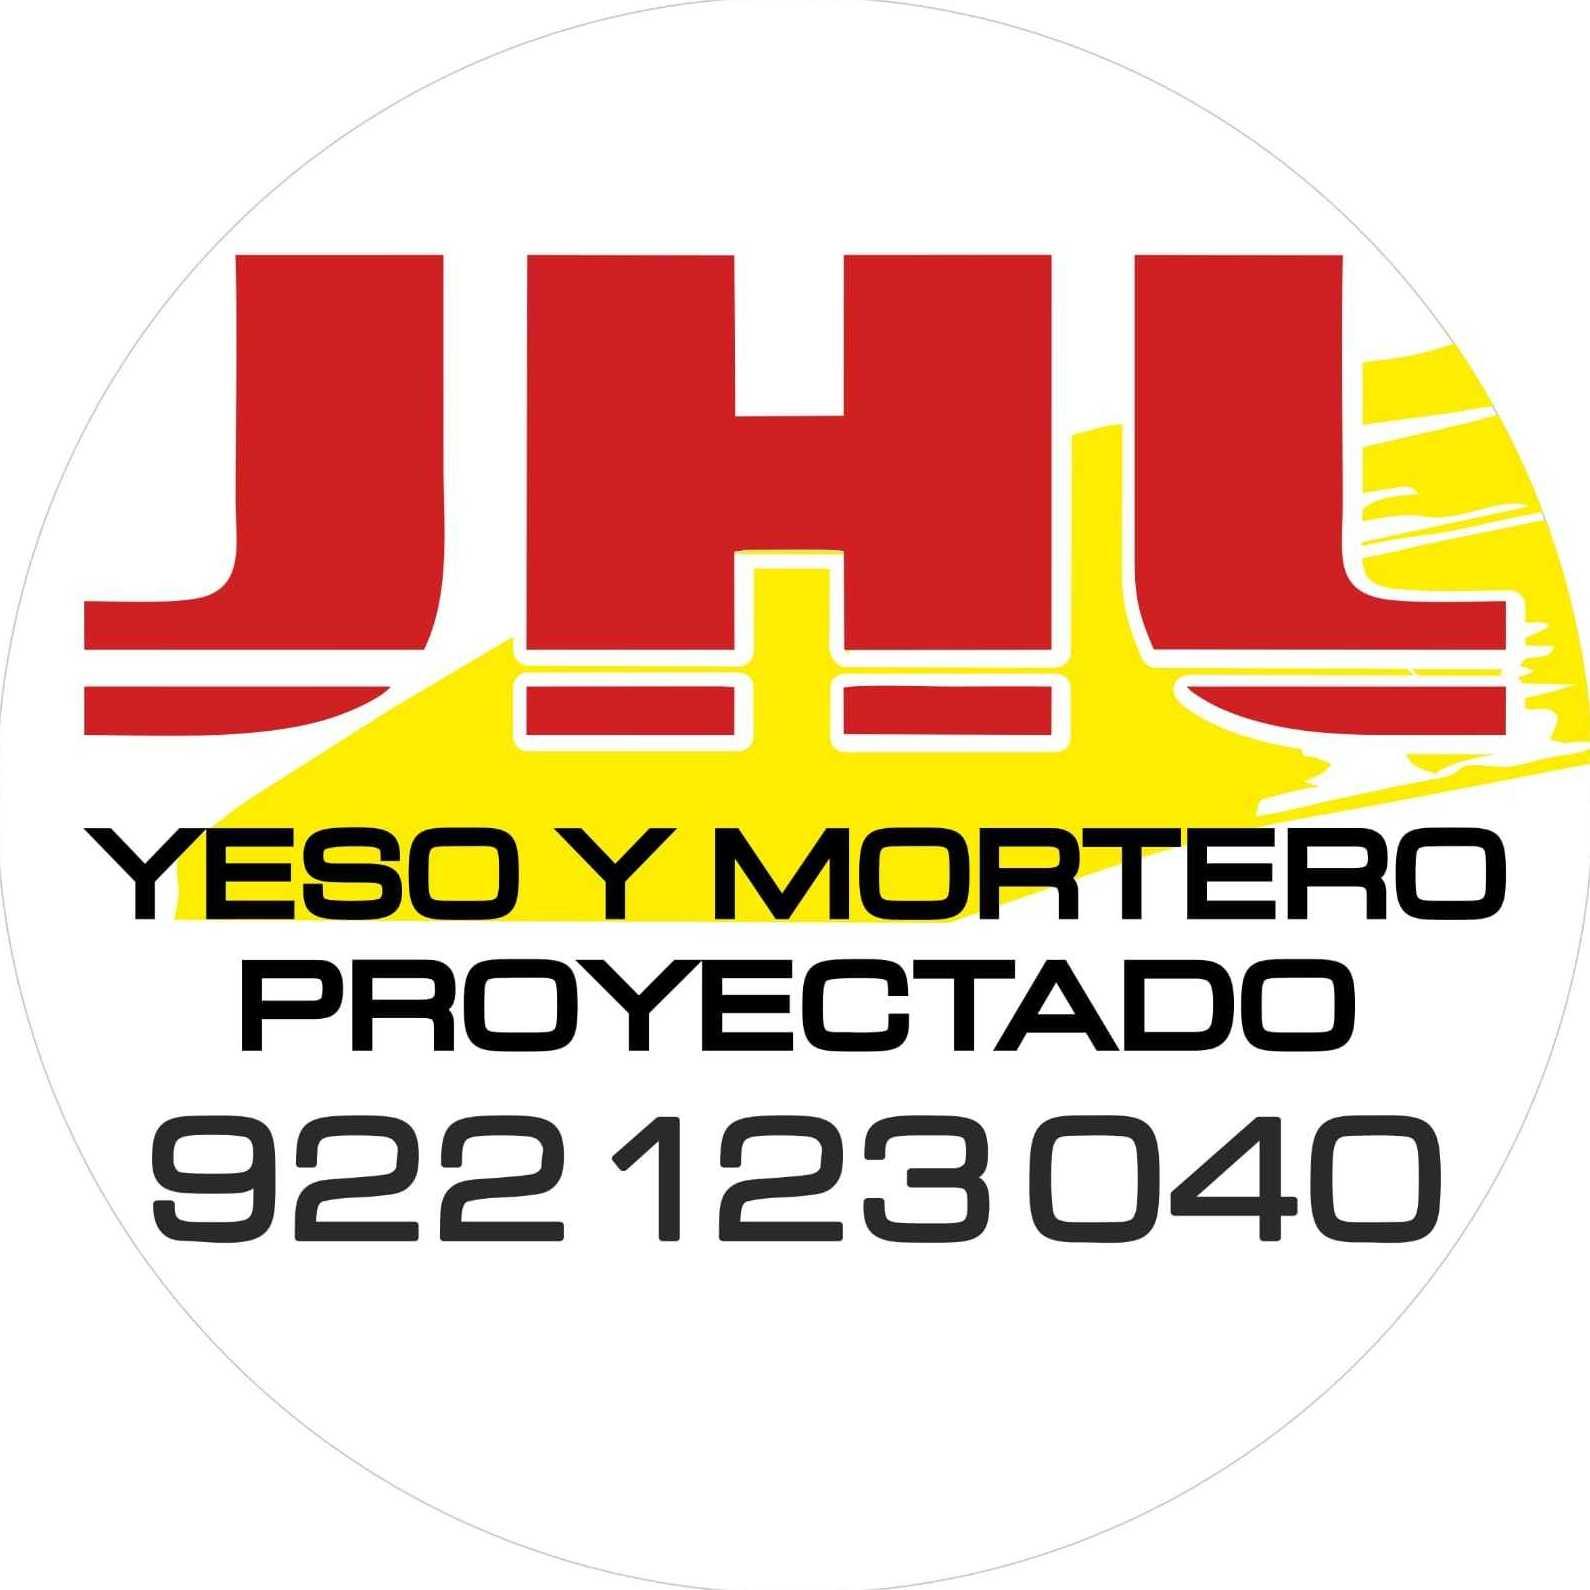 Yeso y mortero proyectado en Tenerife